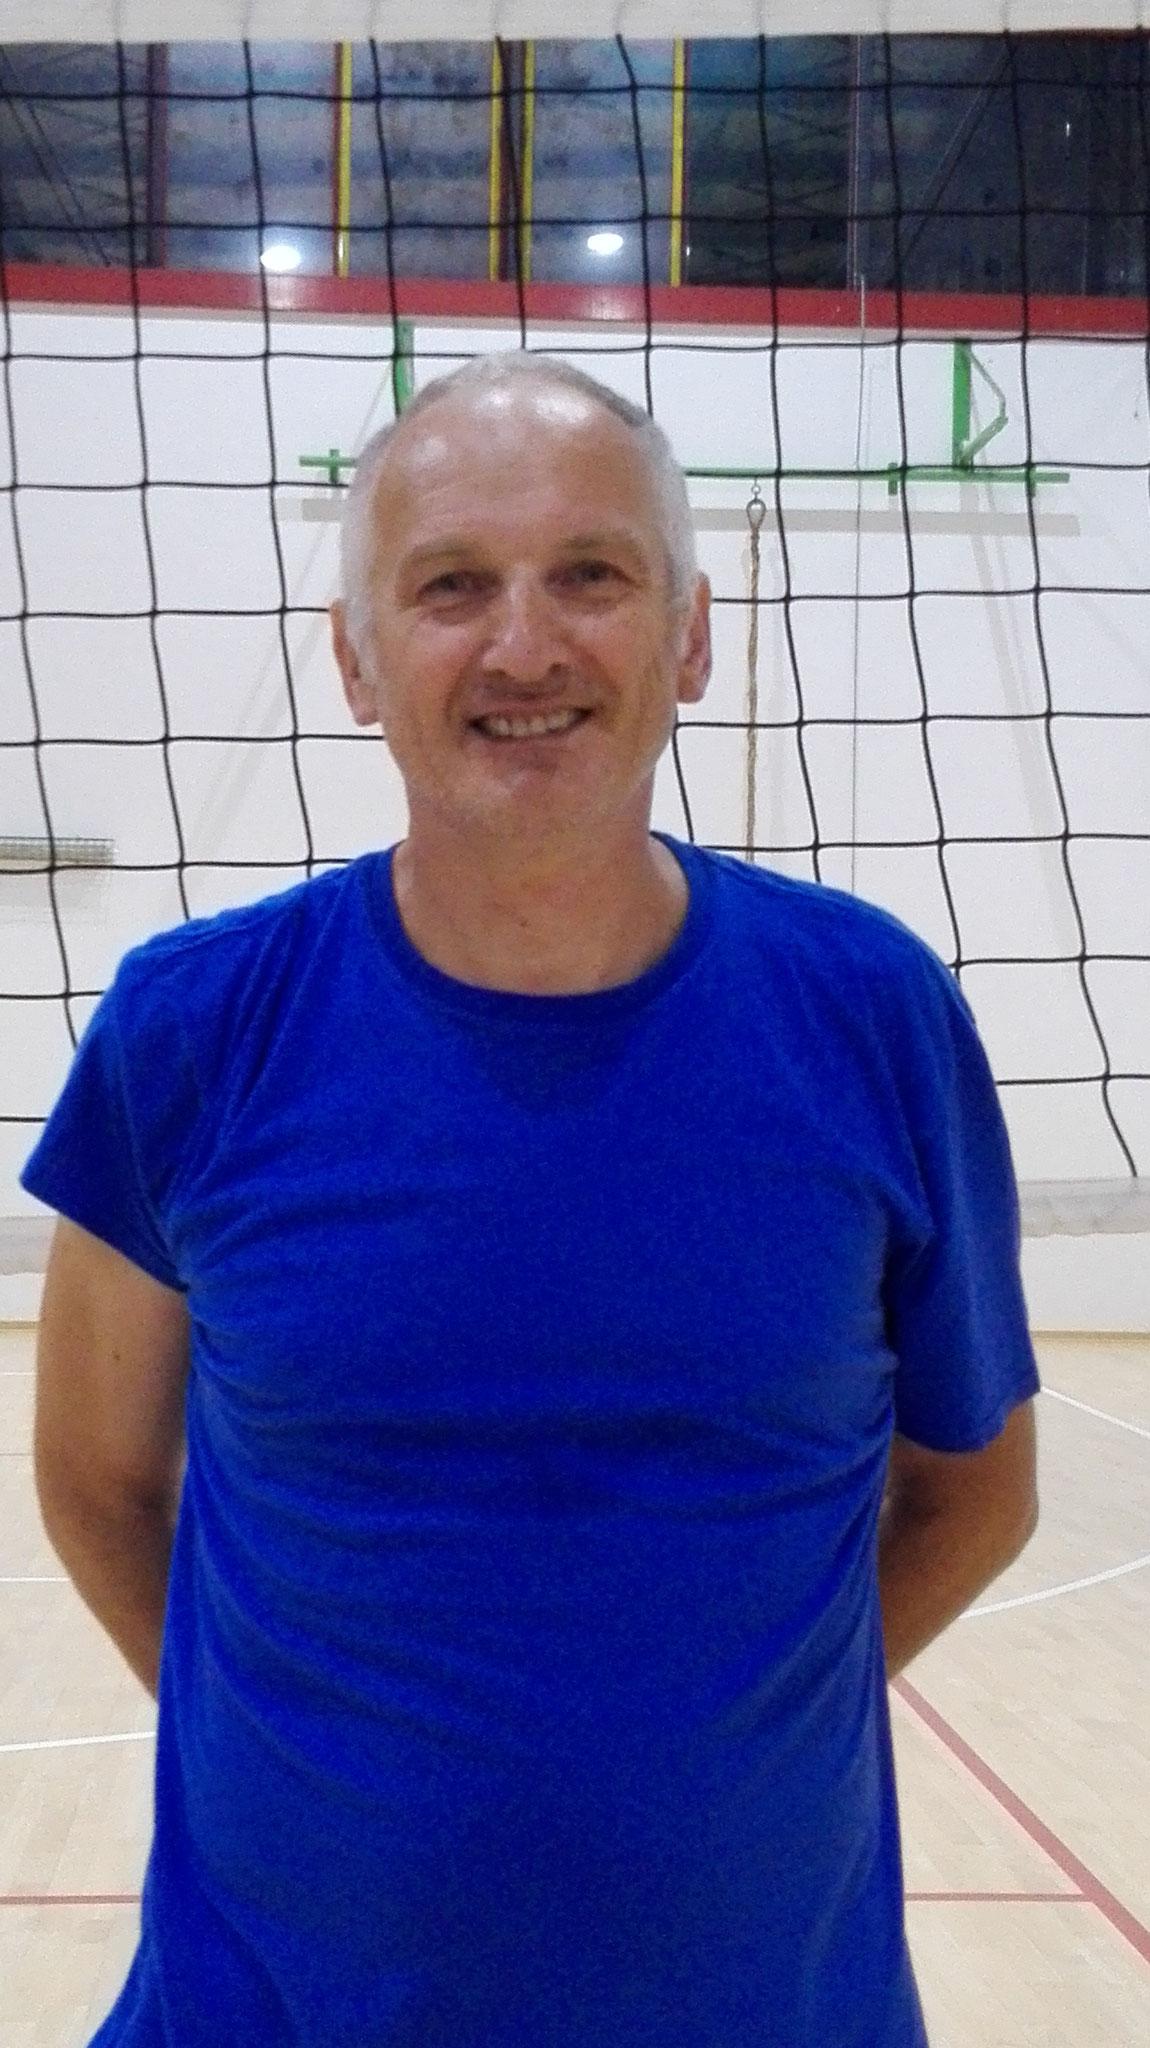 Daniele Melato